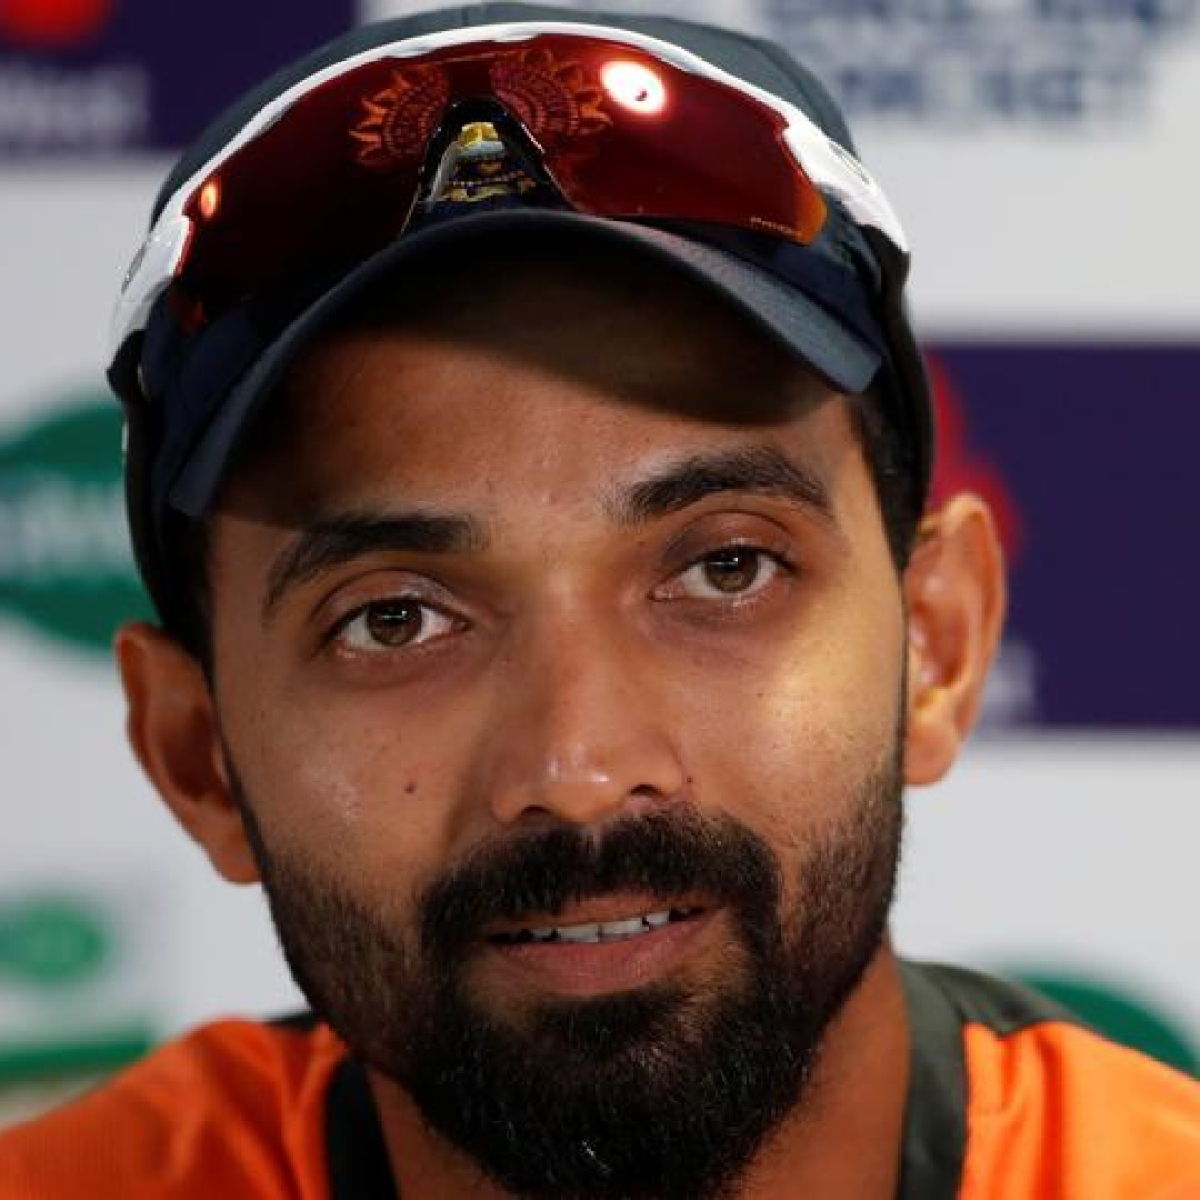 Ajinkya Rahane ready to play IPL behind closed doors amid coronavirus